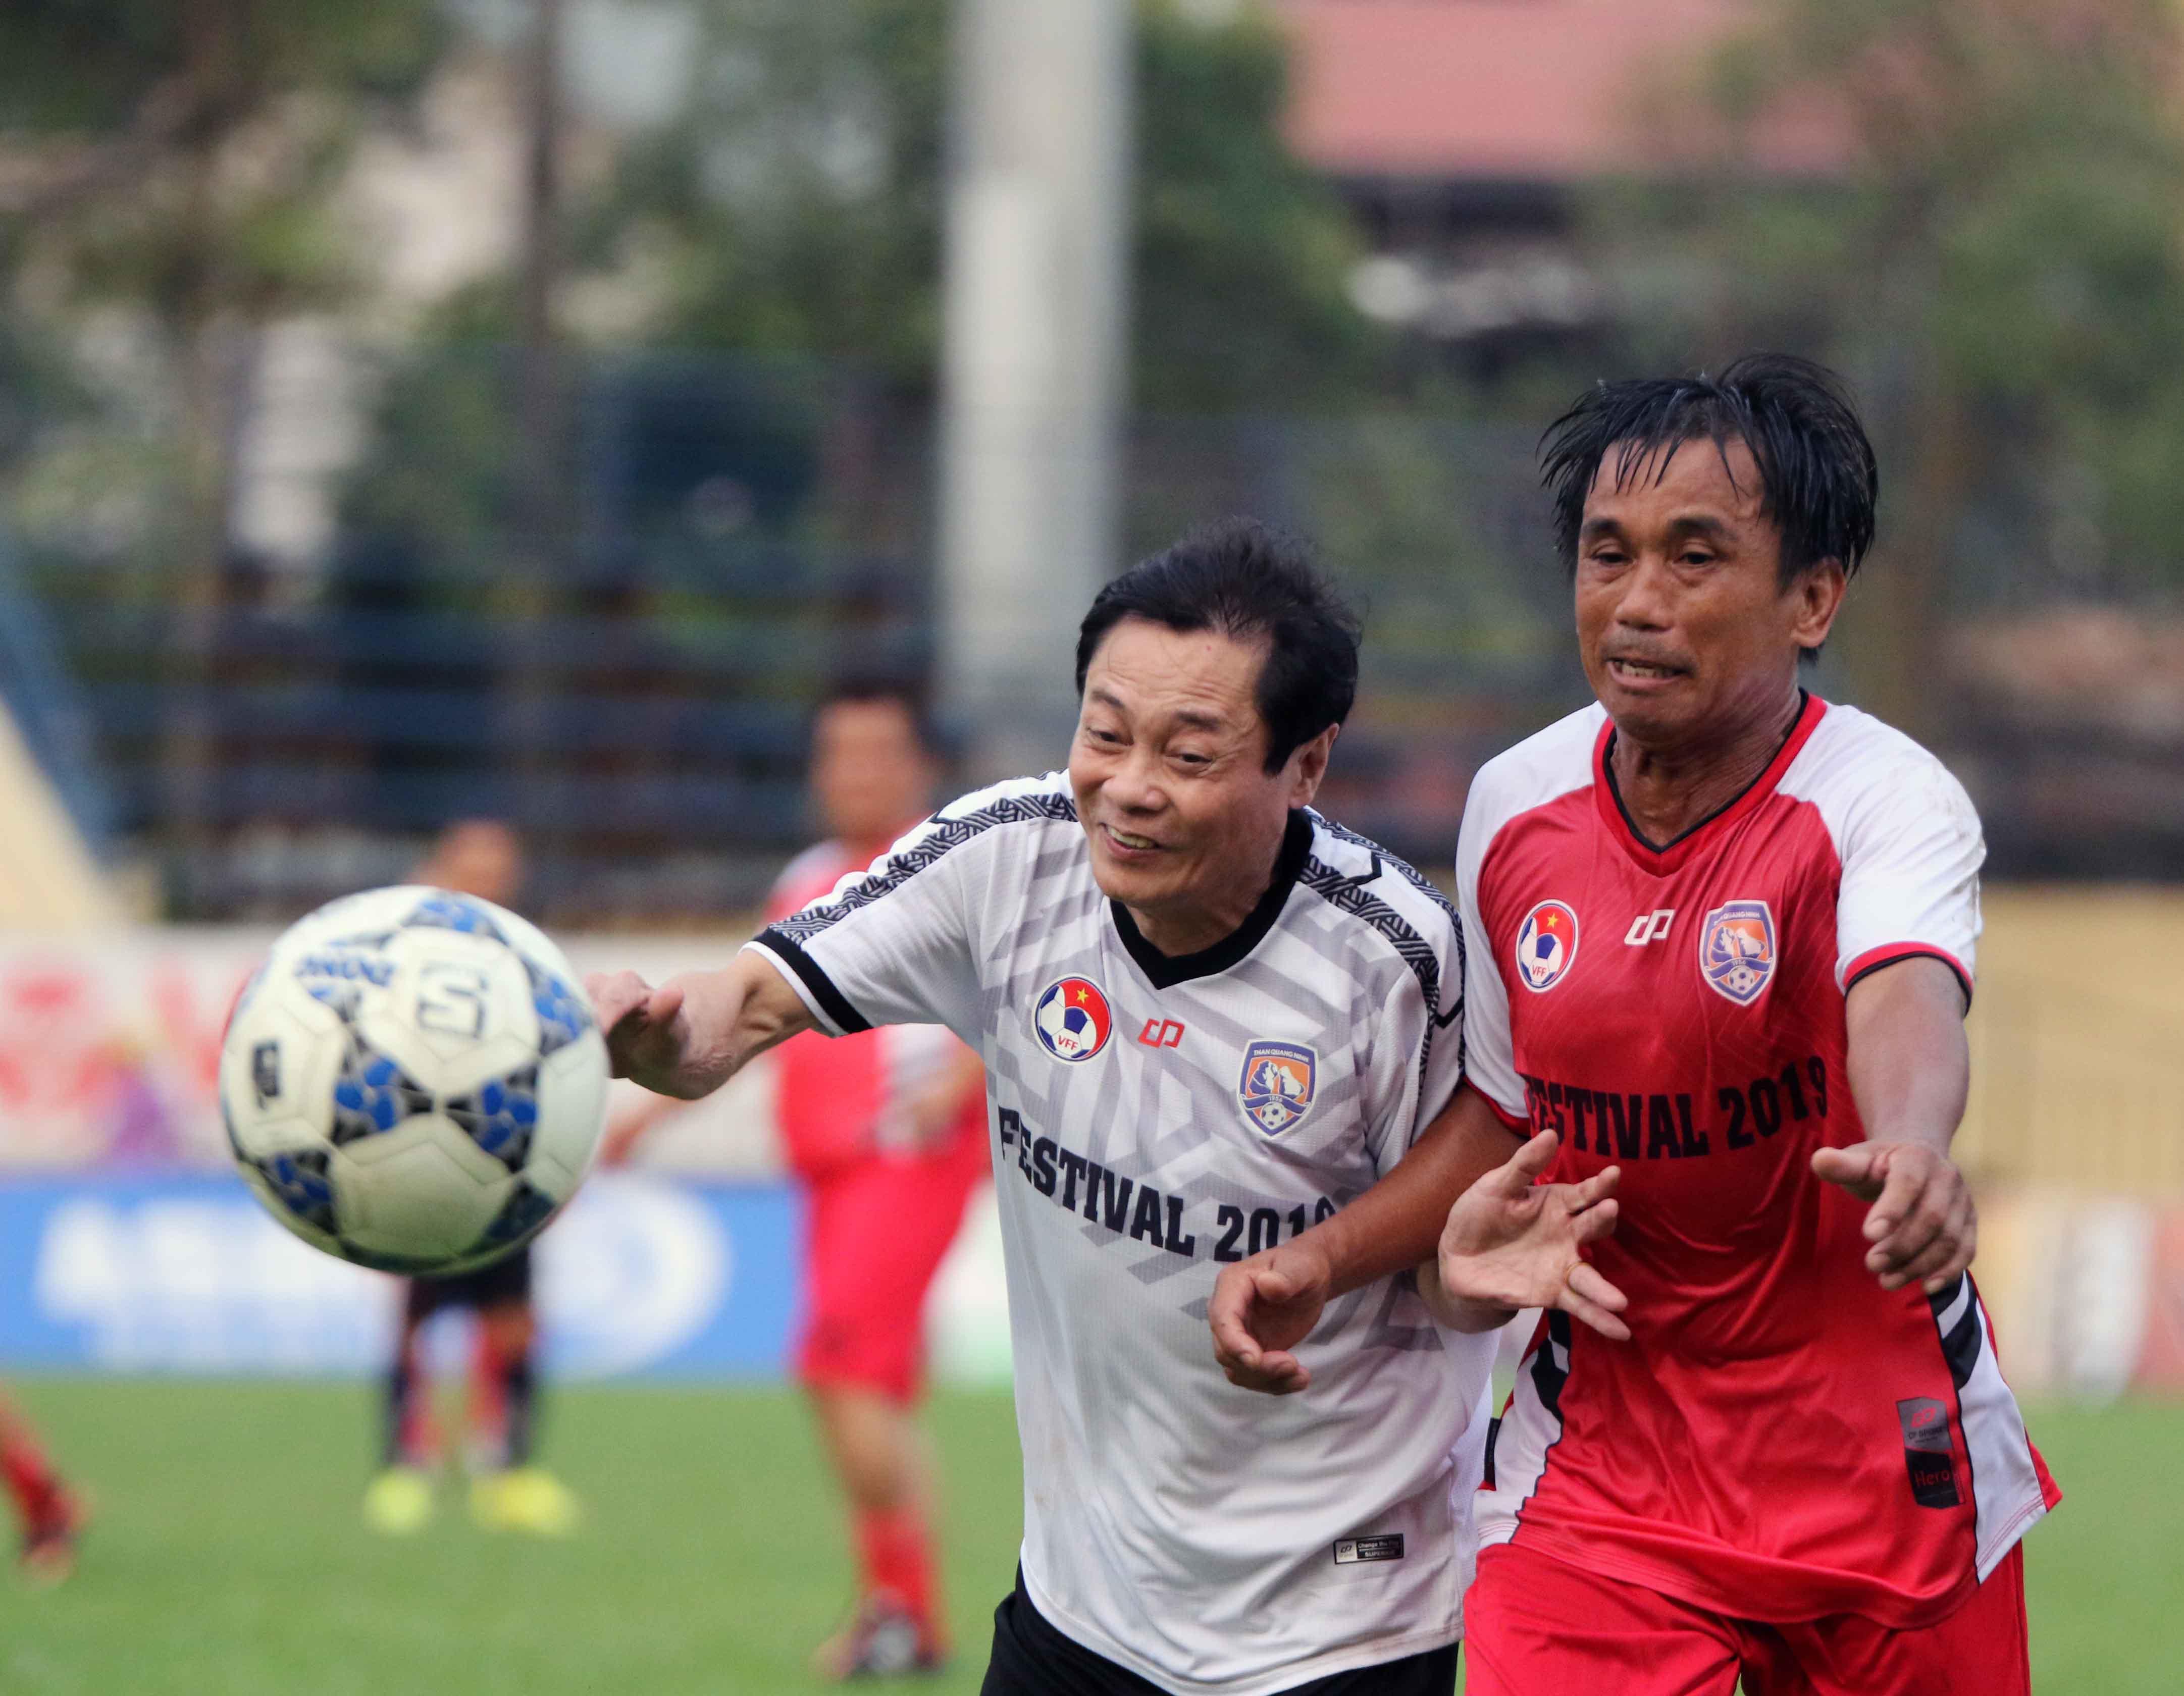 Festival cựu cầu thủ bóng đá Việt Nam 2019: Lan toả niềm đam mê sân cỏ